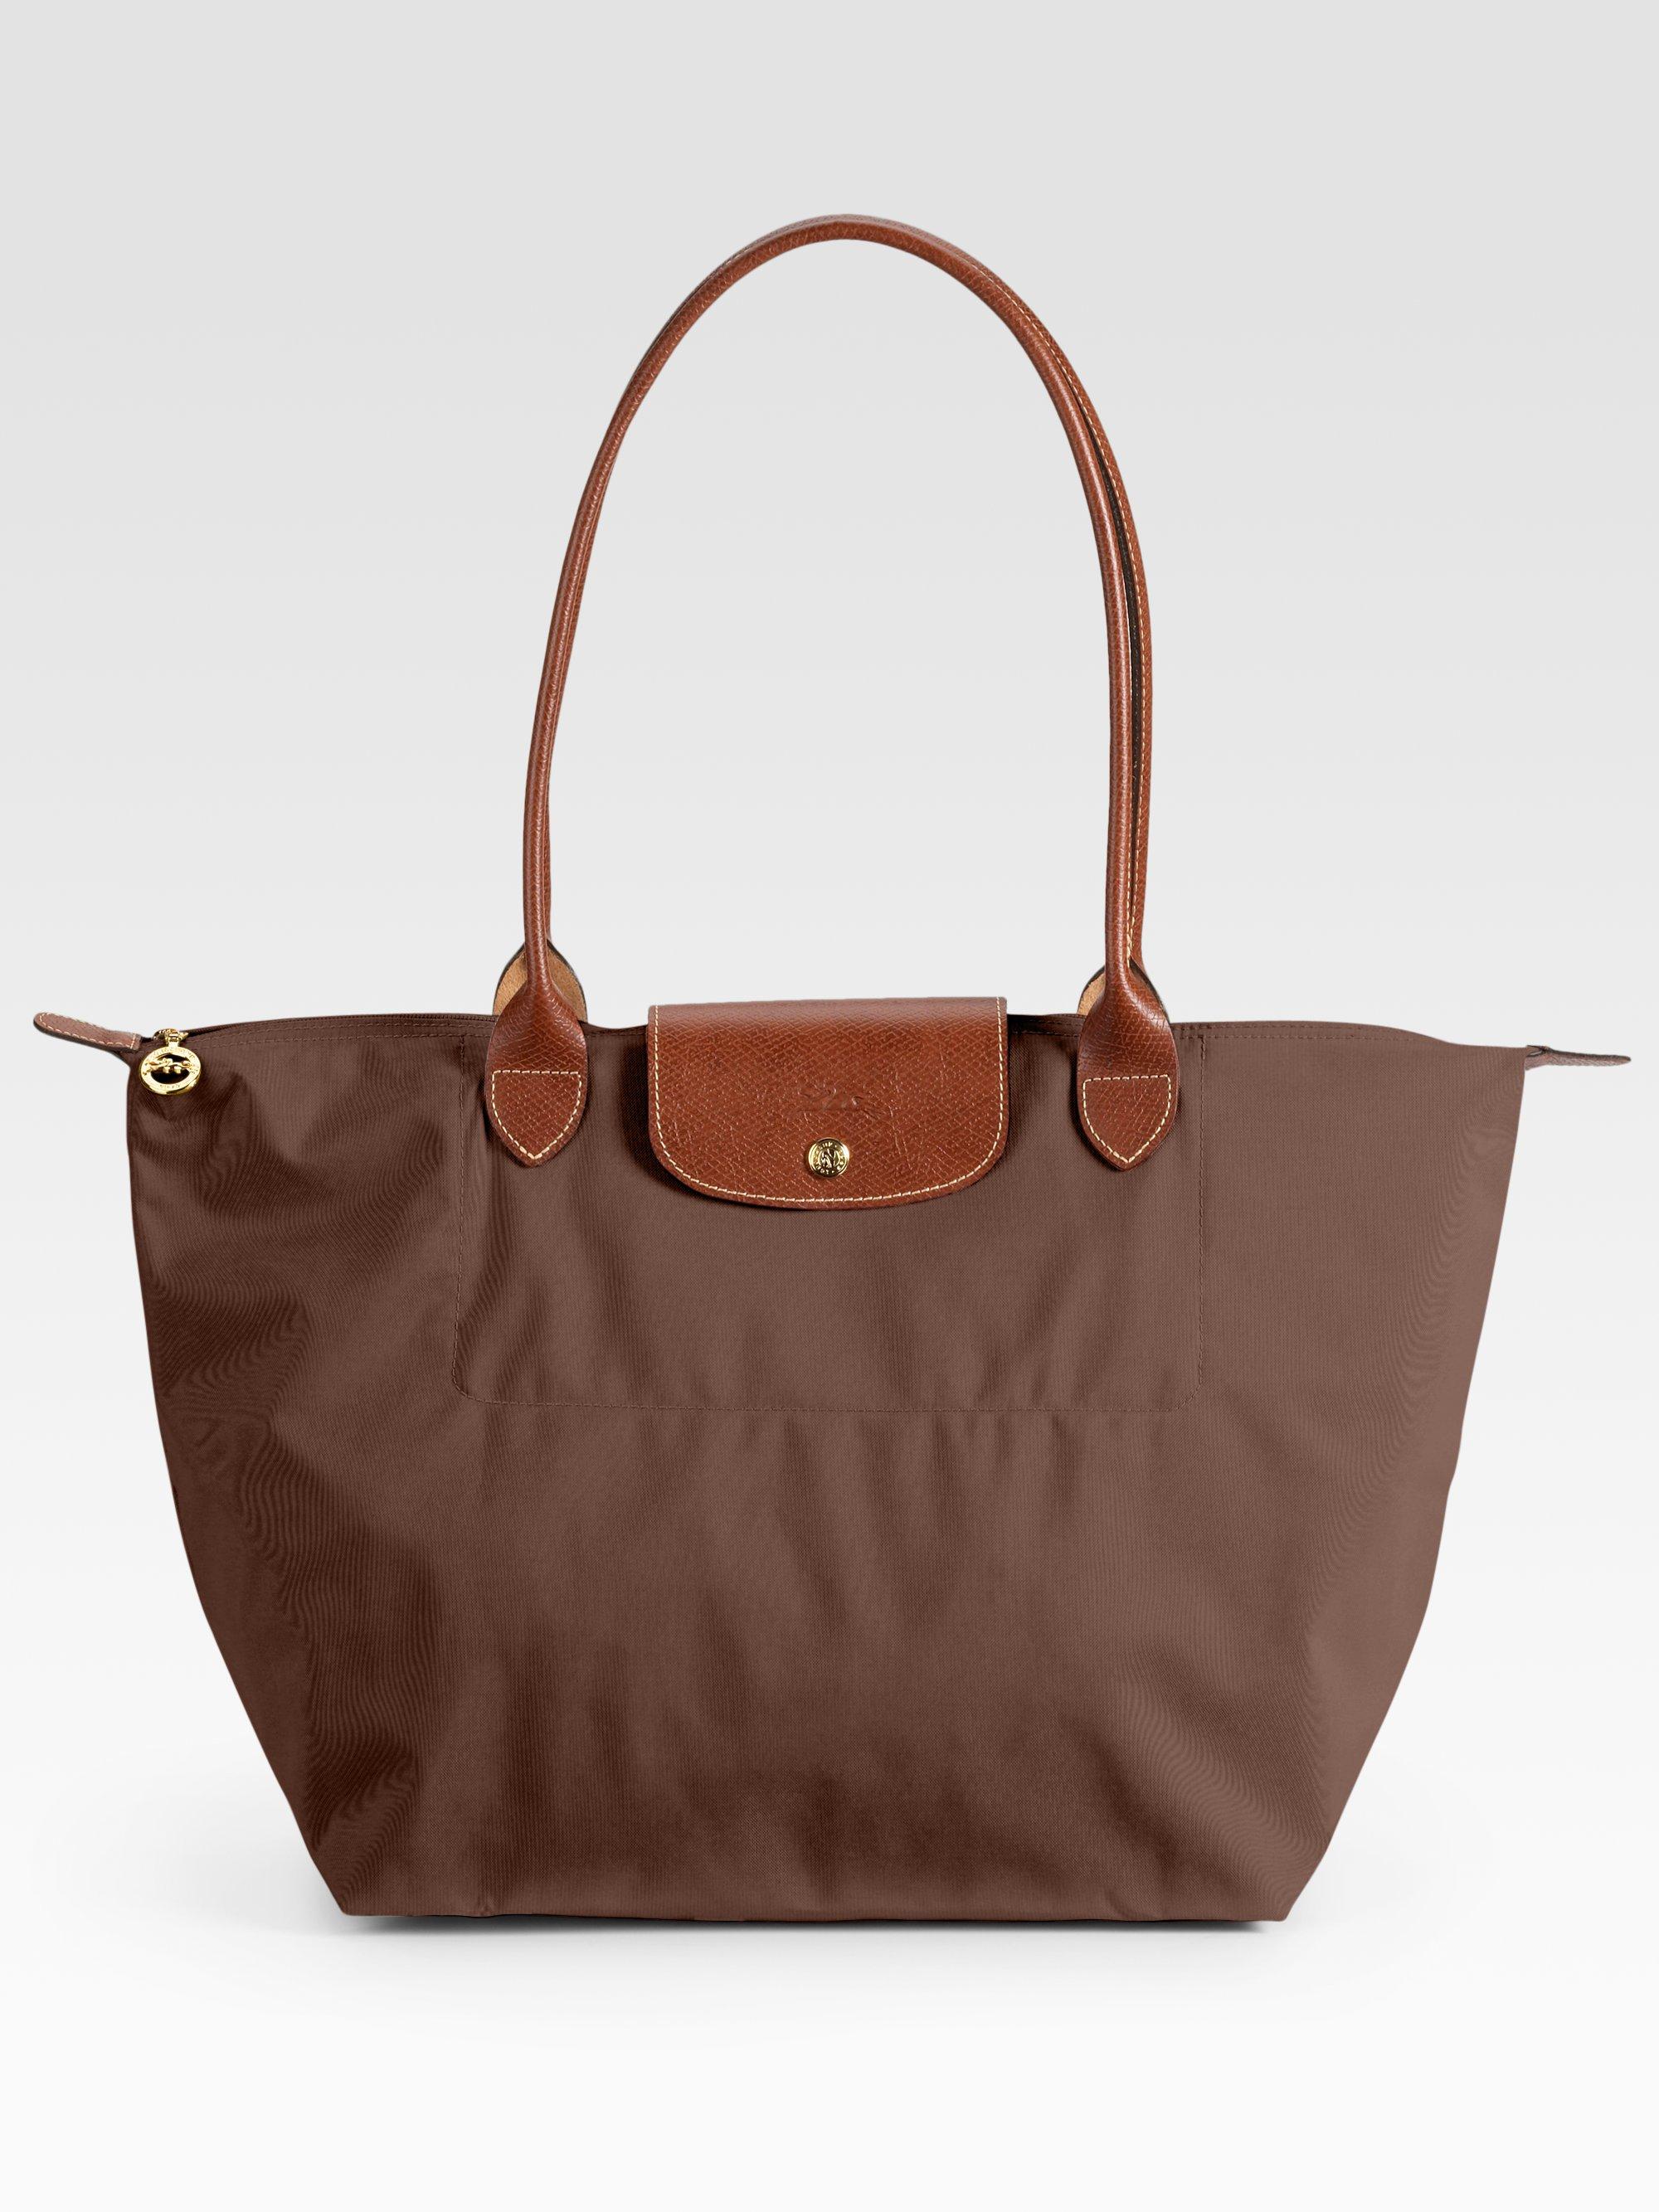 Longchamp Bag Le Pliage Australia : Longchamp le pliage large tote bag in brown lyst